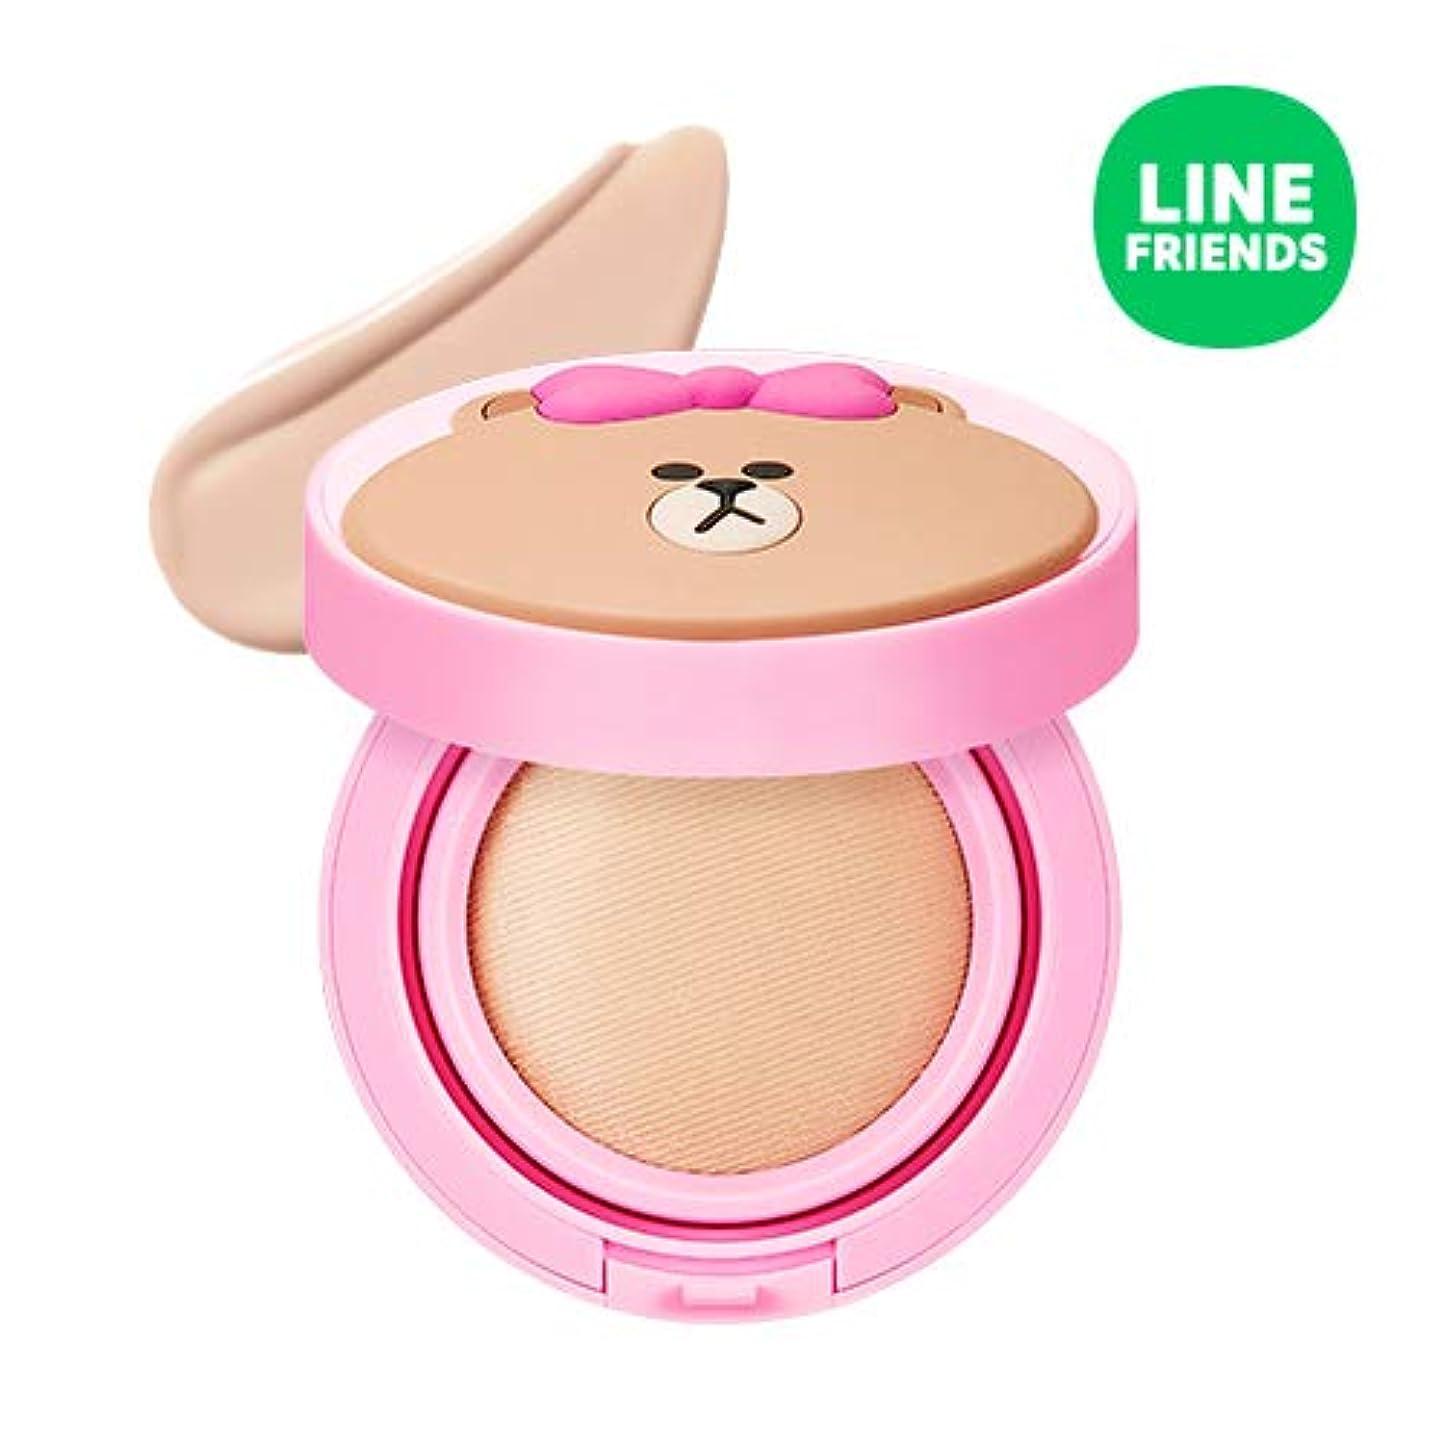 める自我ピストンミシャ(ラインフレンズ)グローテンション15g / MISSHA [Line Friends Edition] Glow Tension SPF50 PA+++ #Fair(Pink tone No.21) [並行輸入品]